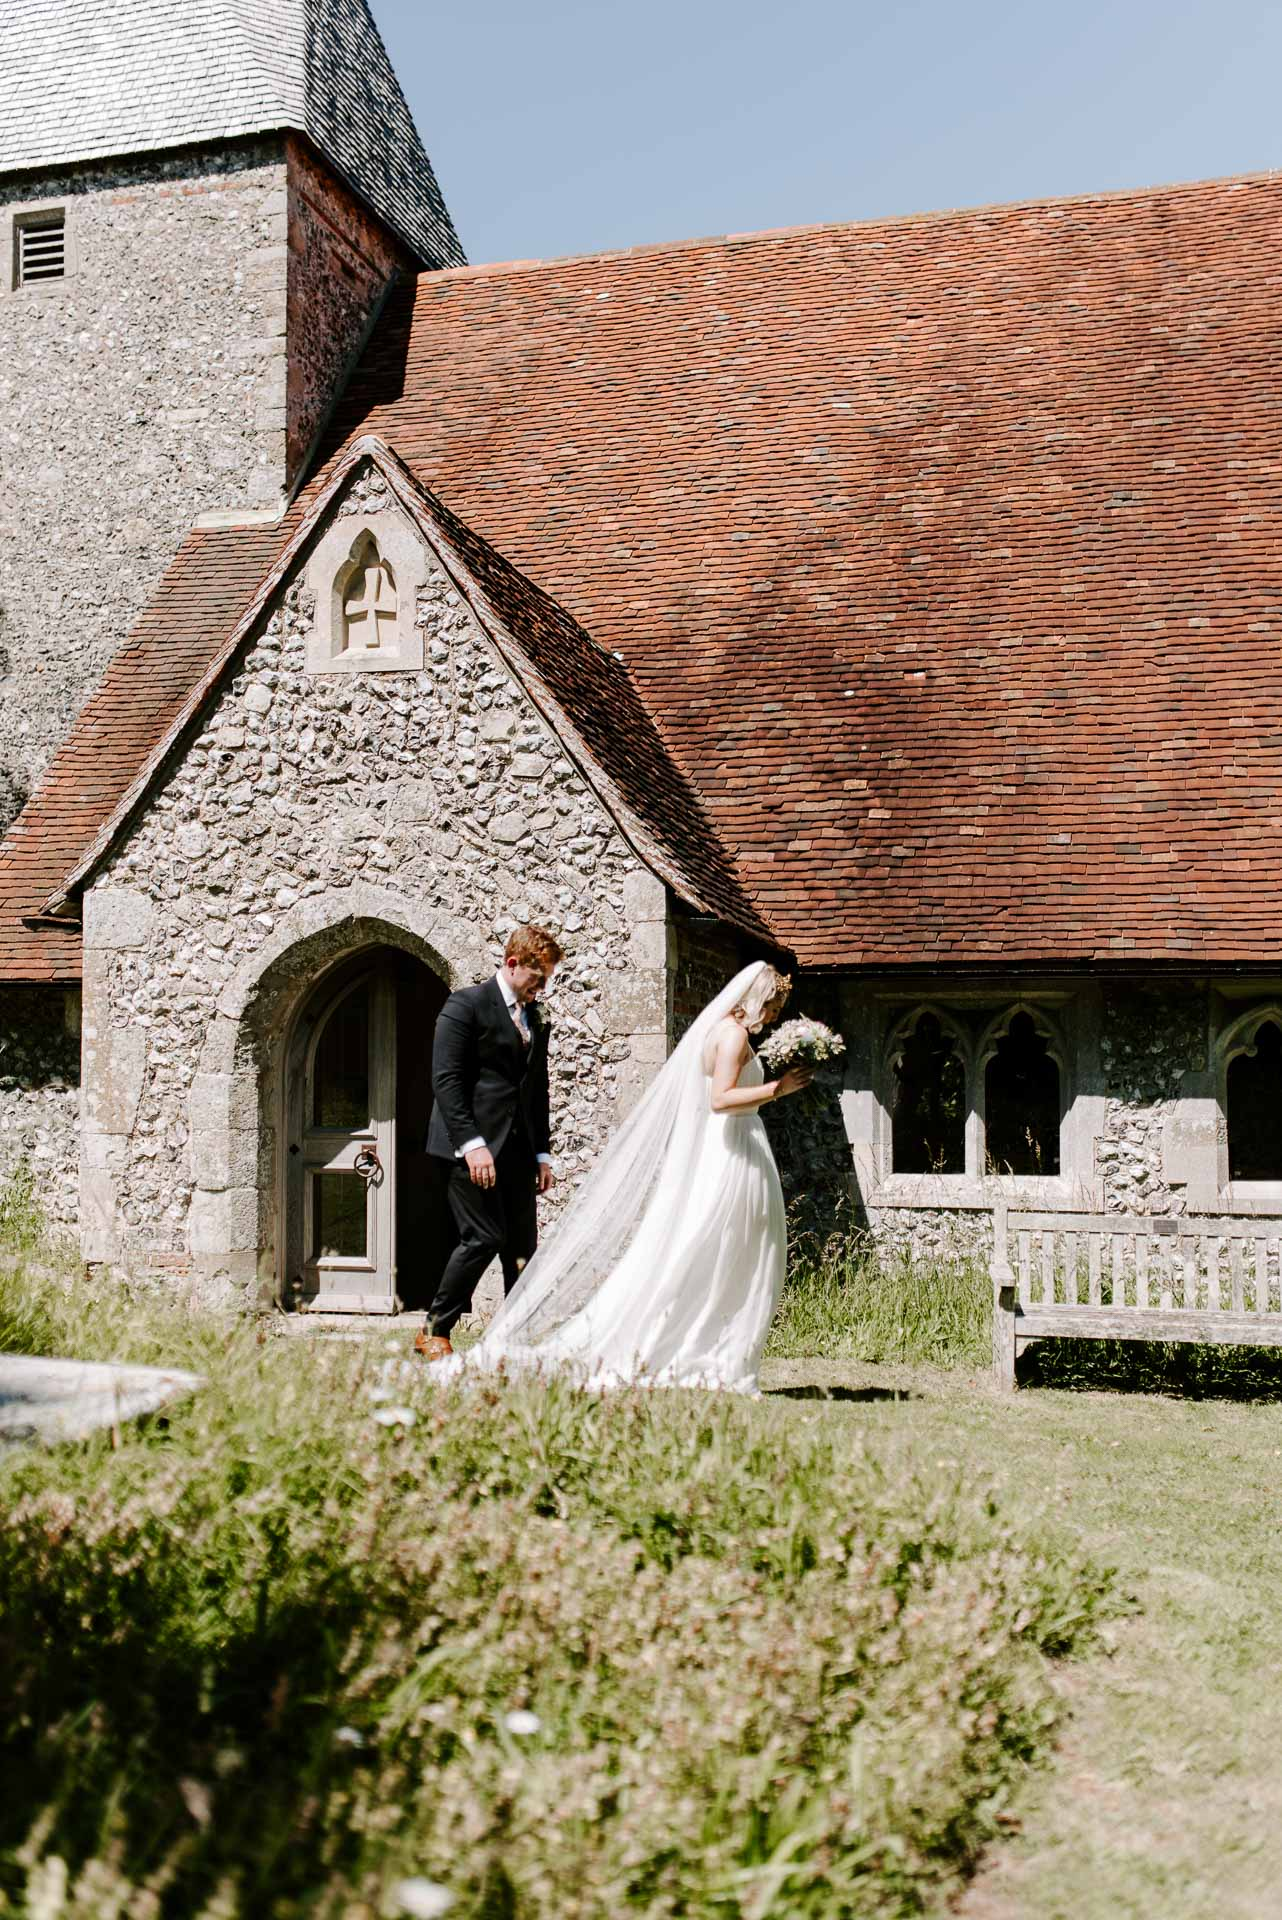 Henny_Jamie_East Sussex_Wedding_31.jpg